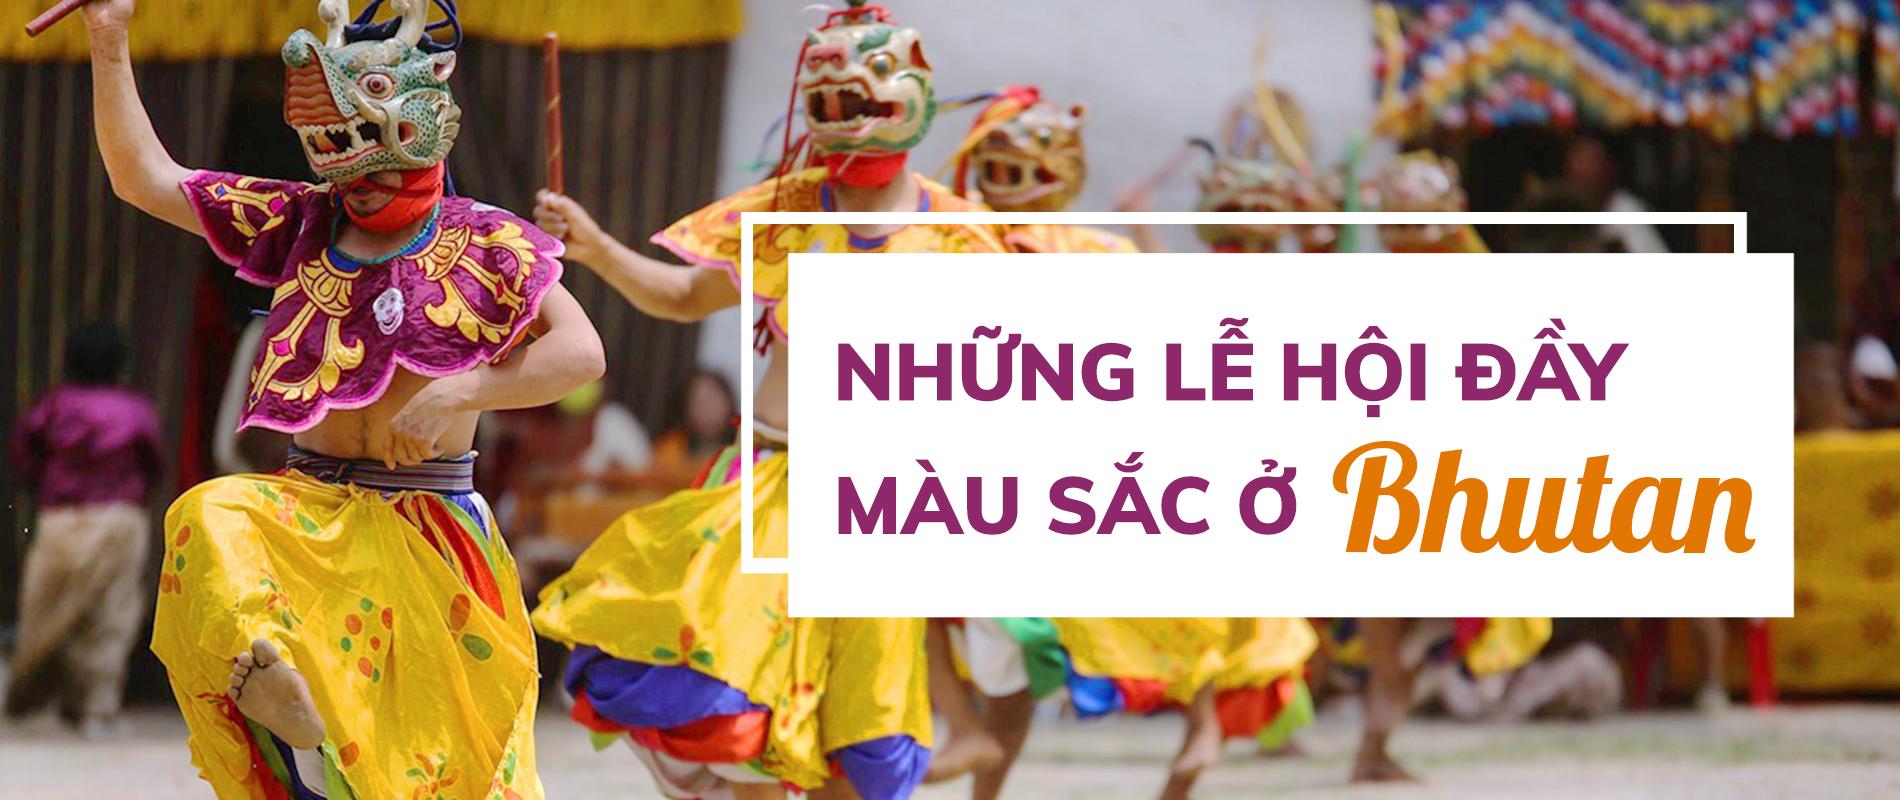 Du lịch Bhutan: hòa mình vào những lễ hội truyền thống đầy màu sắc